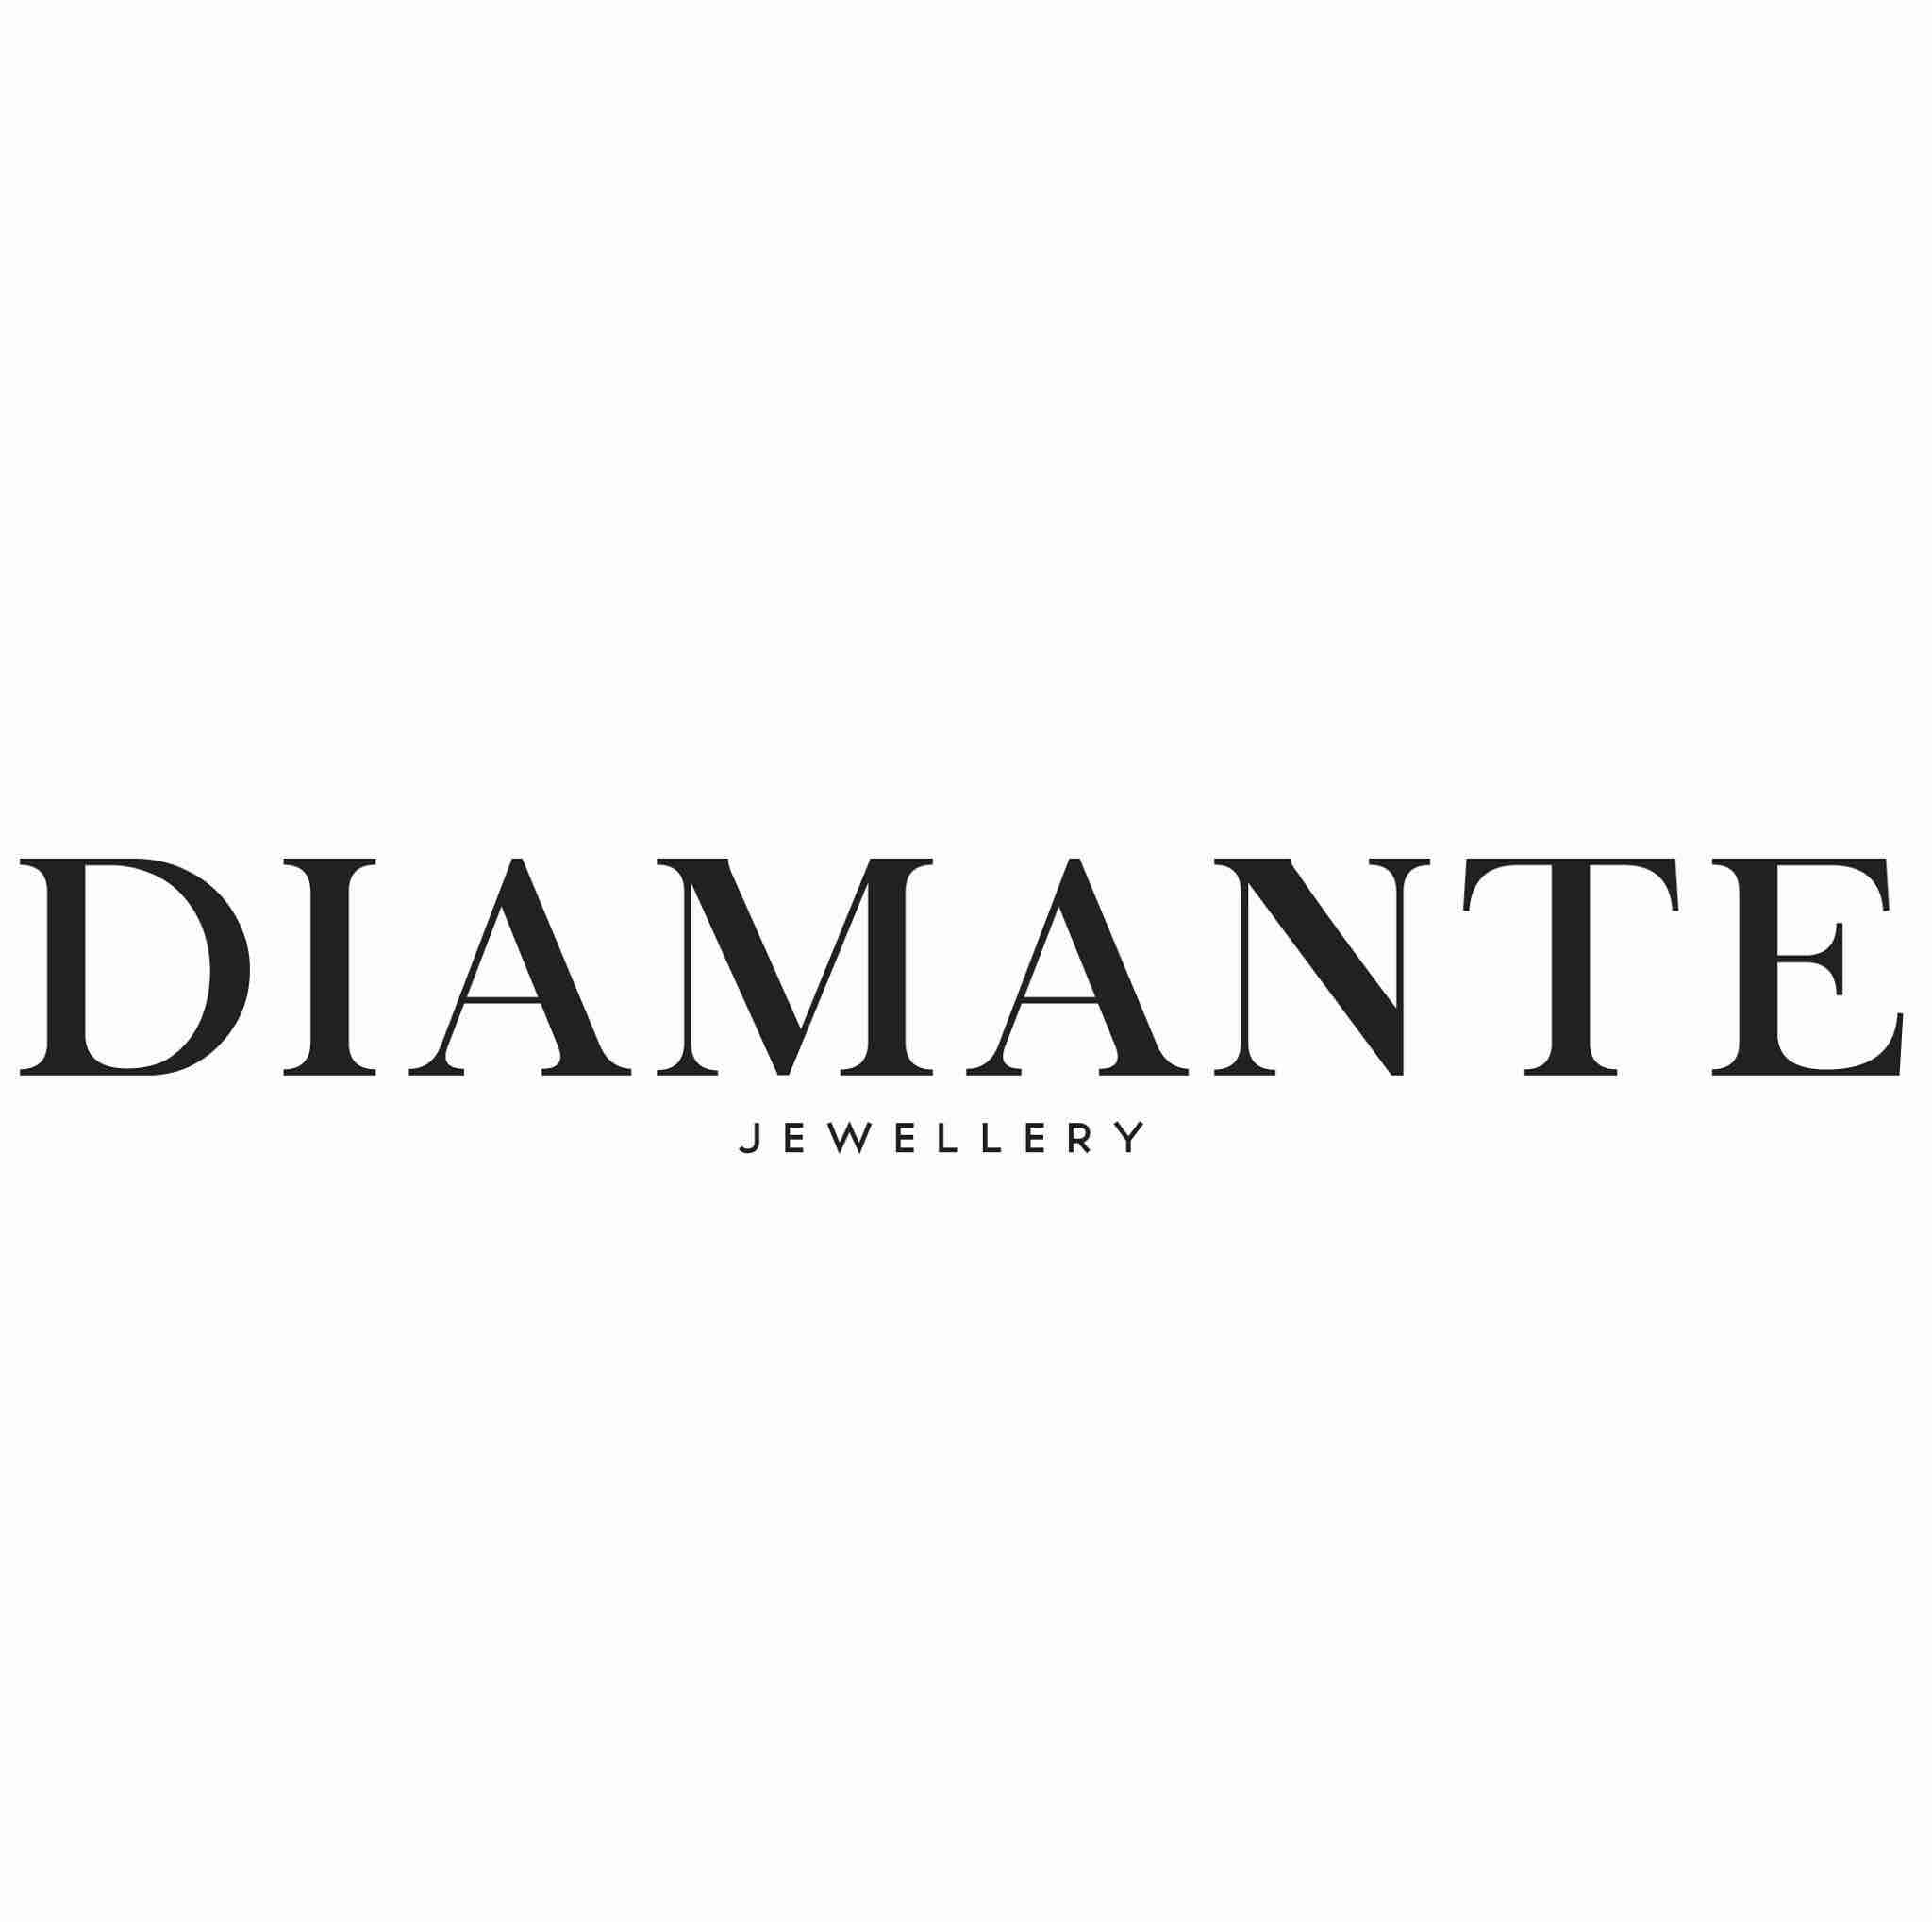 Diamante Jewellery